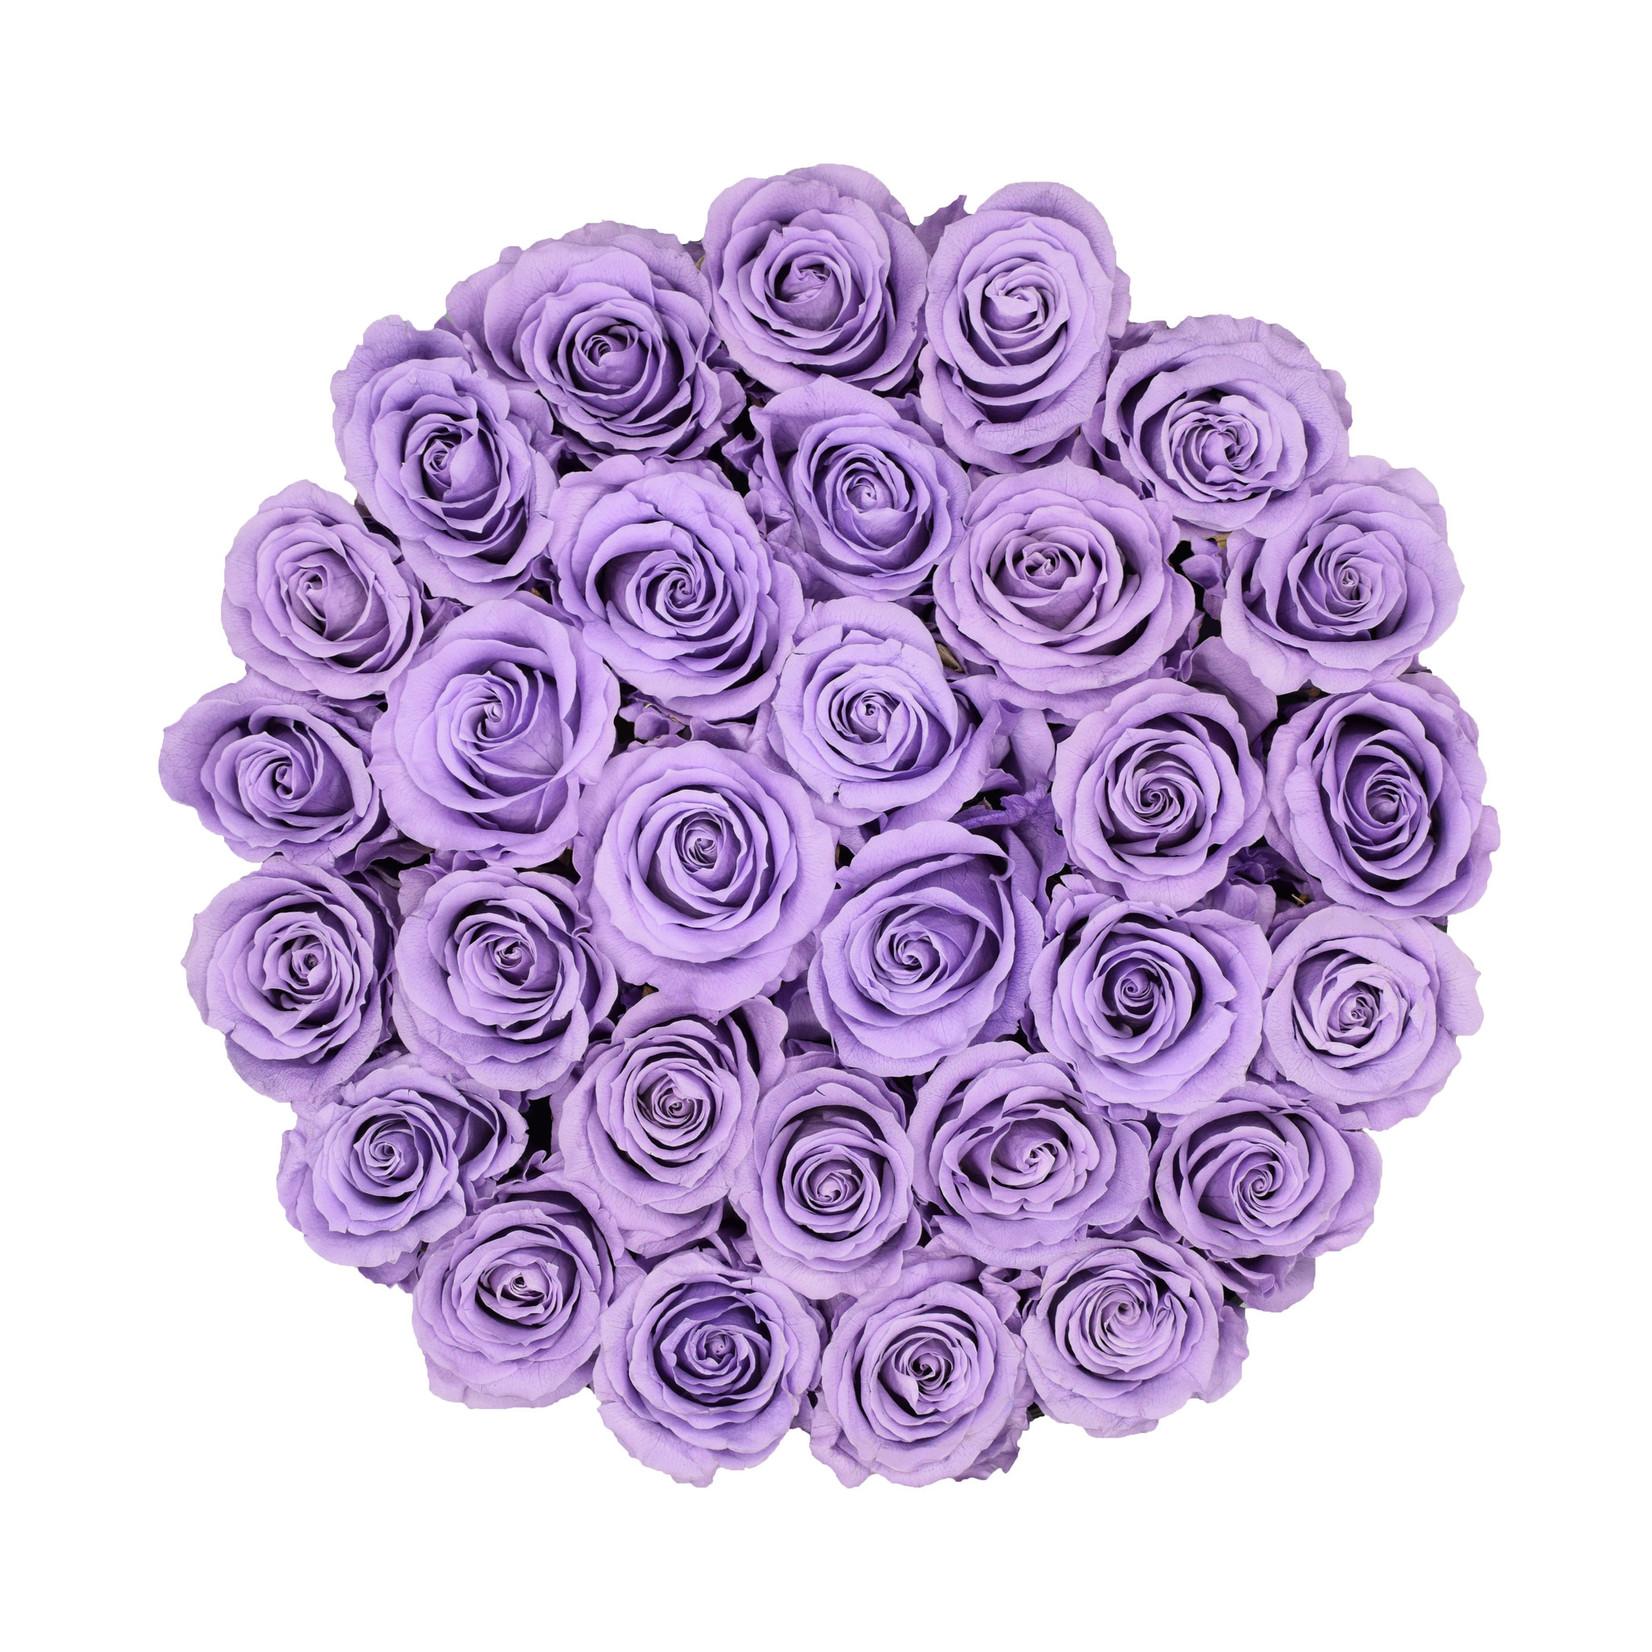 Large - Lilac Endless Roses - Black Box